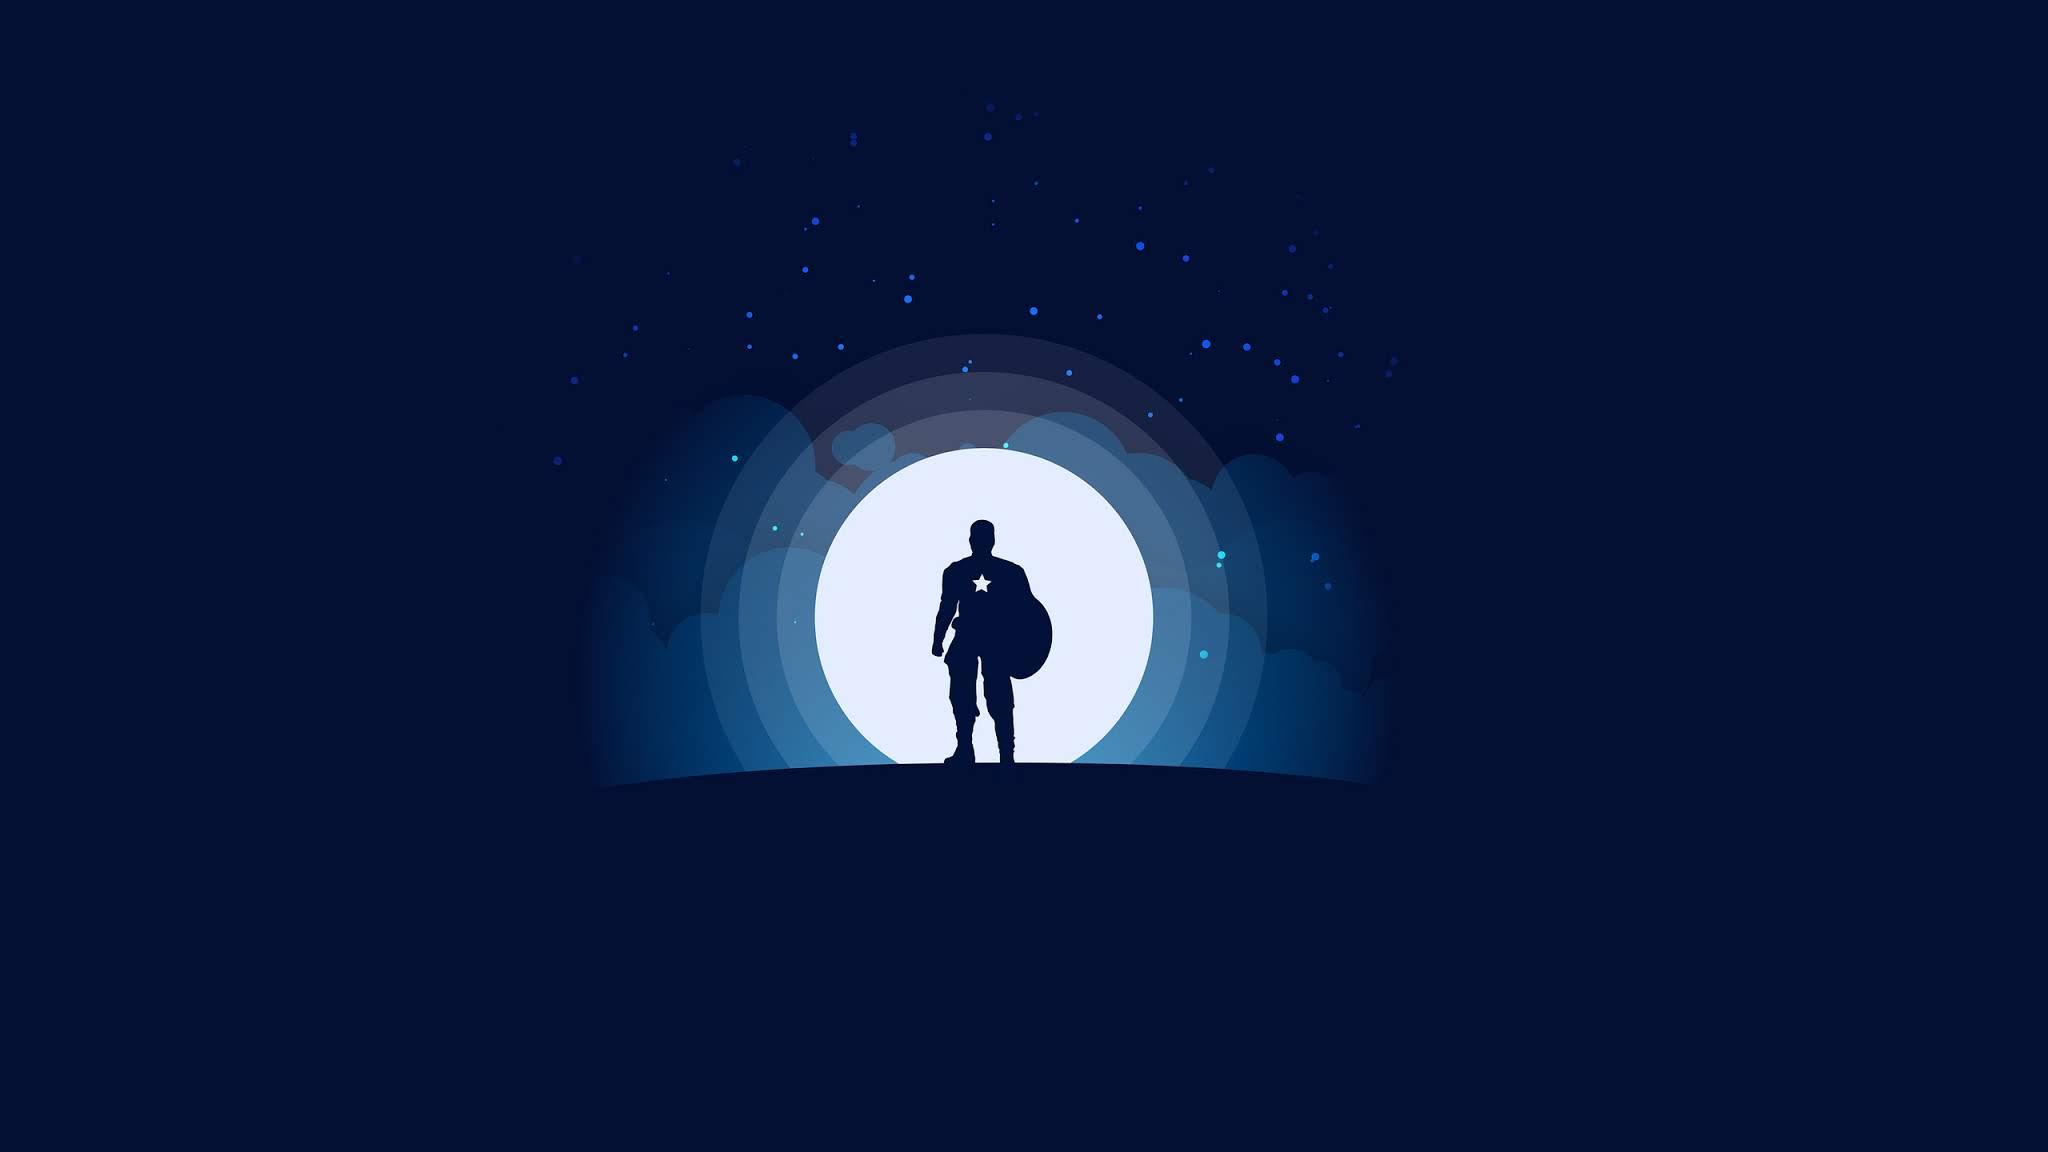 Fond Décran Capitaine Amérique Lune étoiles Super